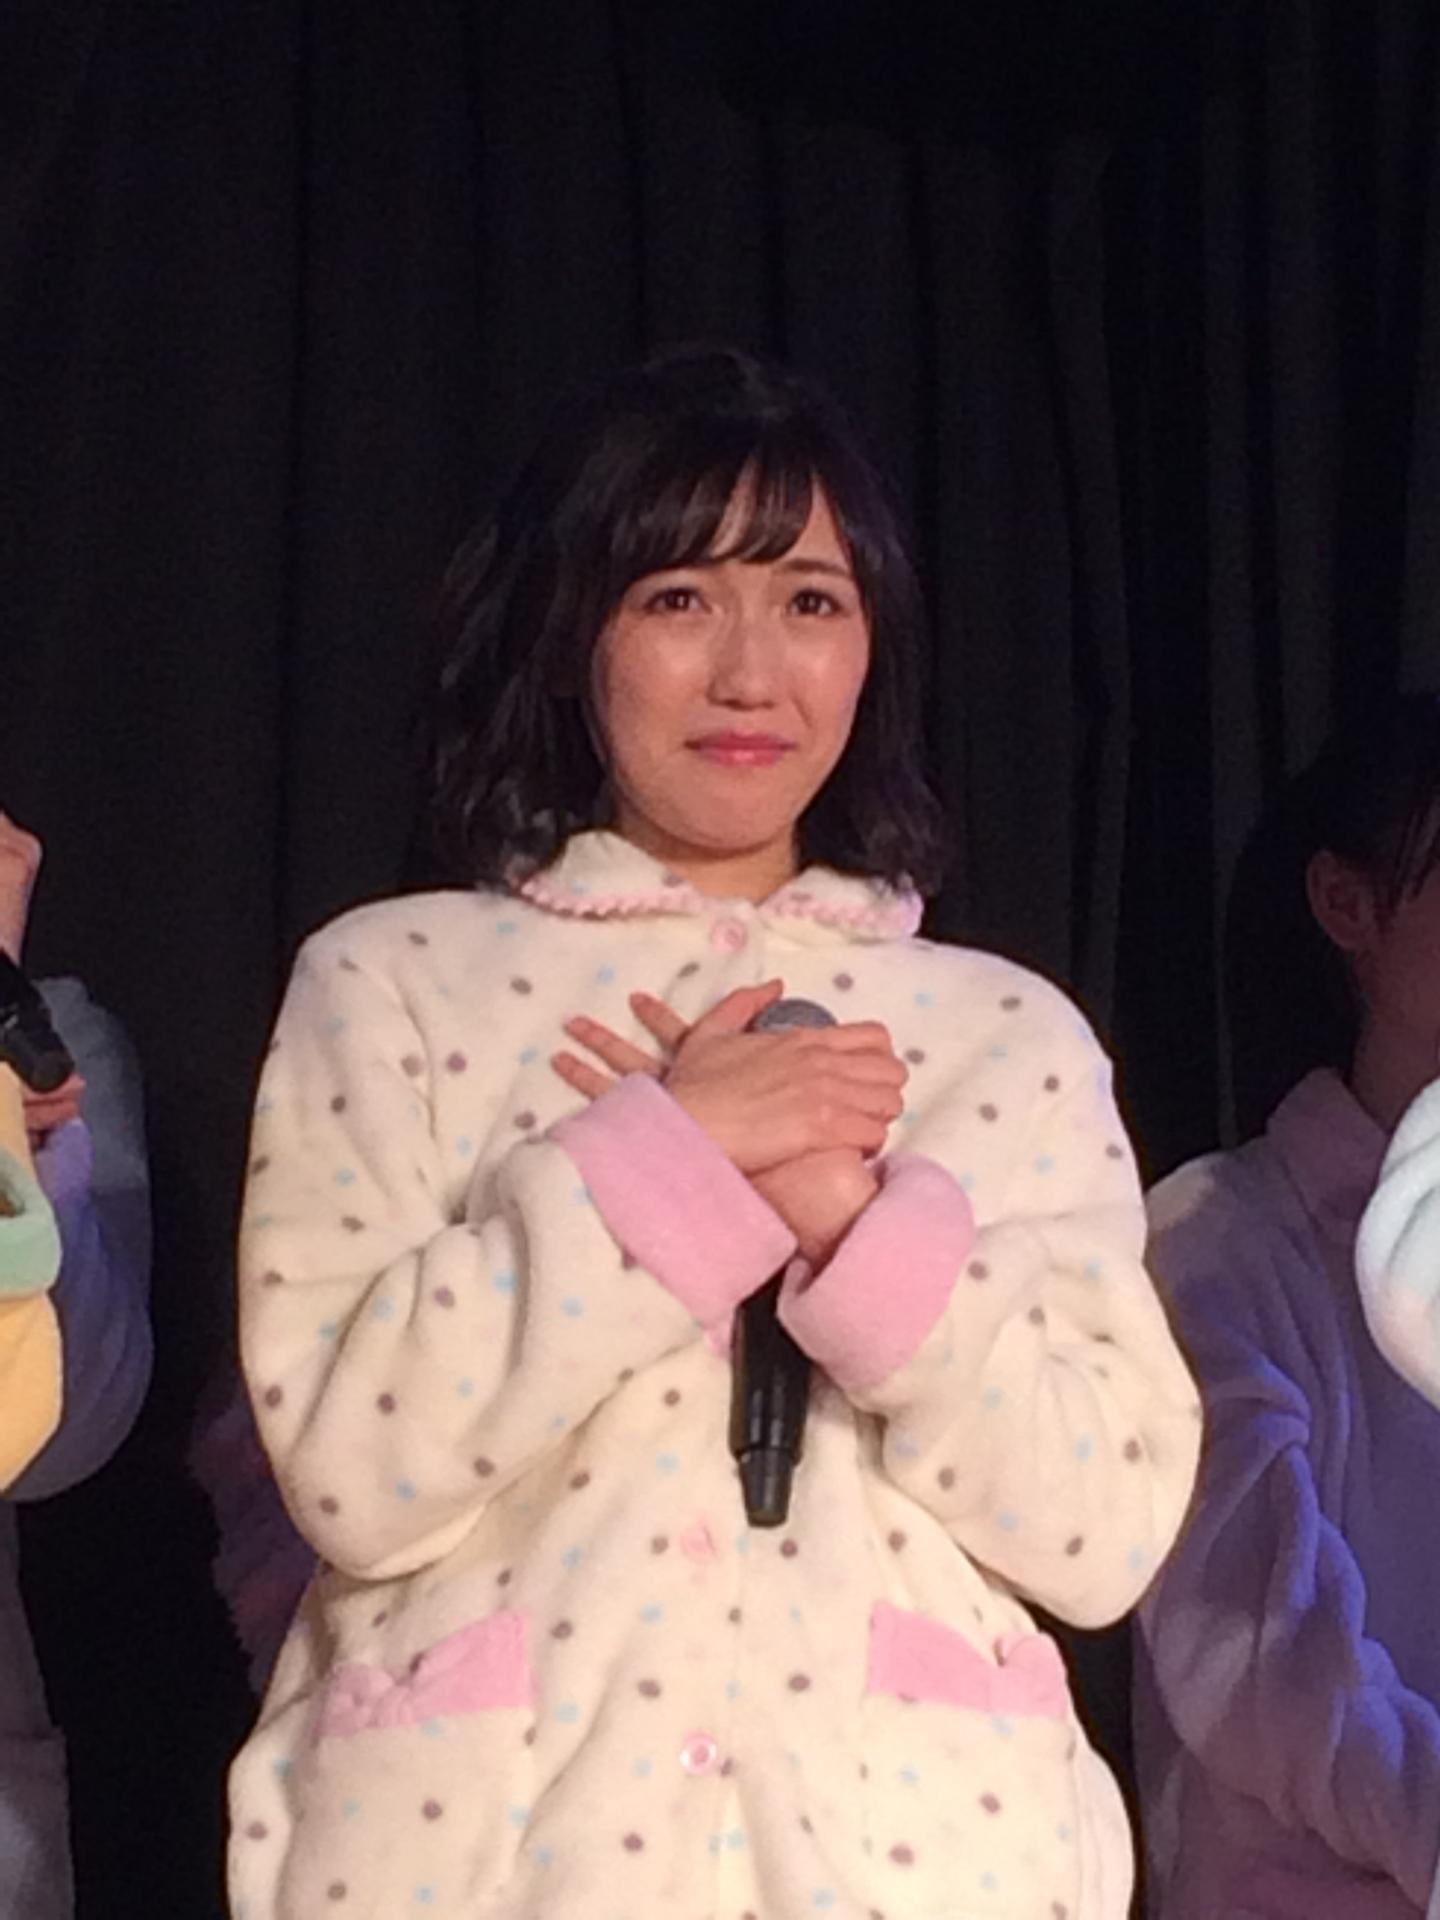 ▼▲ 別冊AKB48★まゆゆこと渡辺麻友ちゃんが可愛いお知らせvol.789 ▼▲©2ch.netYouTube動画>103本 ->画像>1233枚